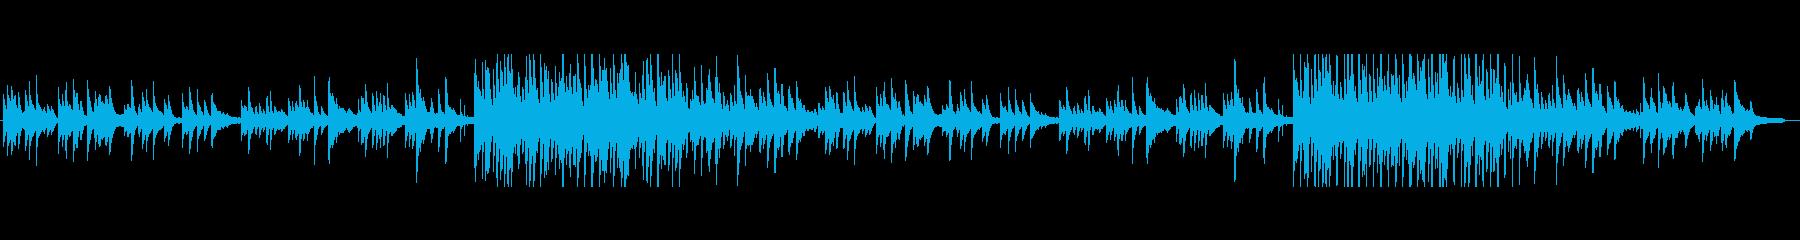 ピアノのしっとり系短調バラードの再生済みの波形